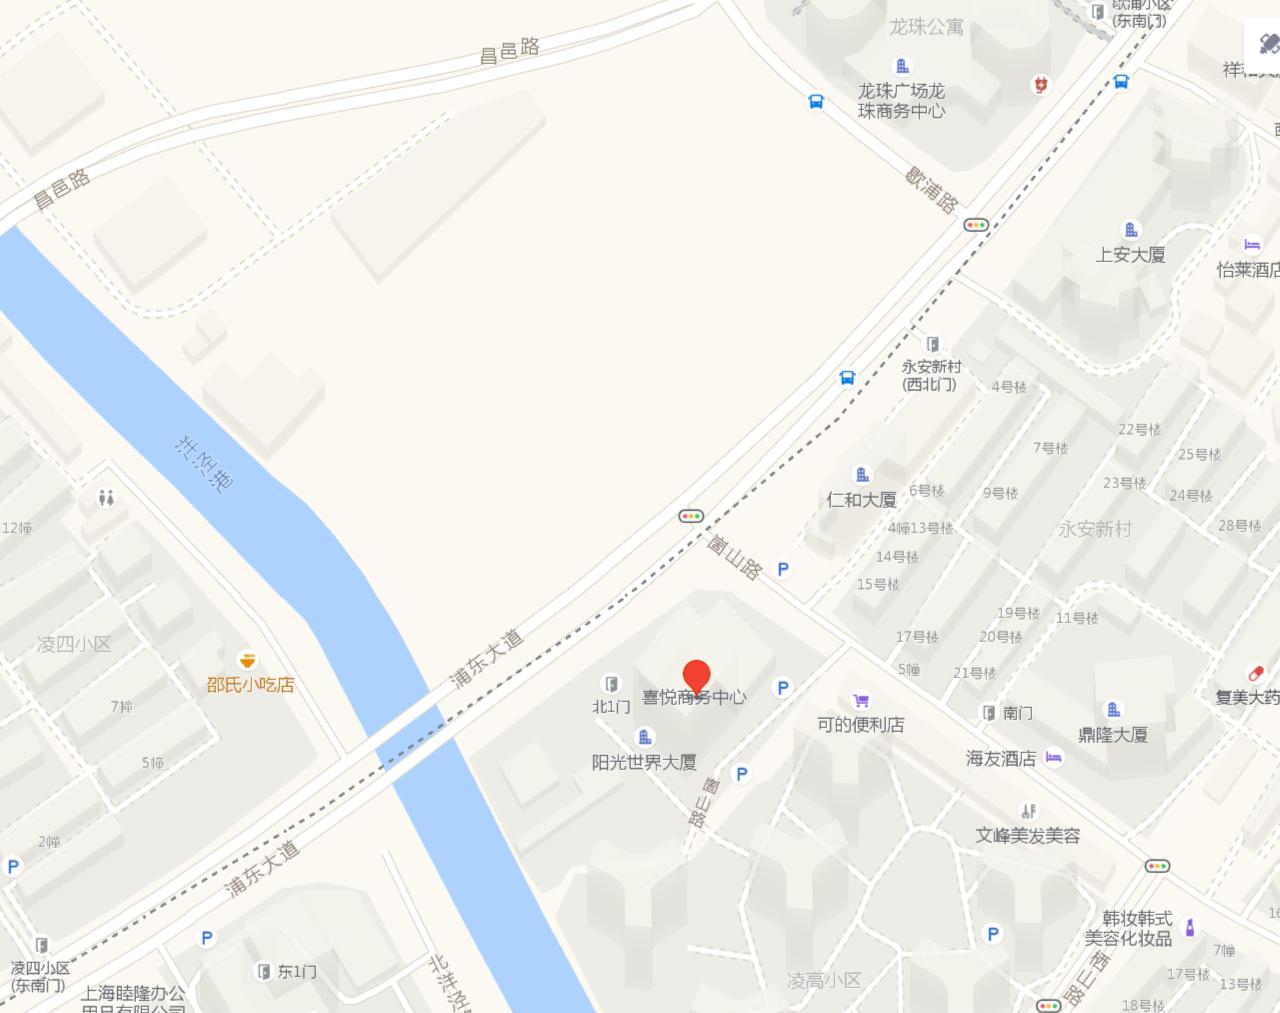 上海市嘉诚律师事务所-高德地图